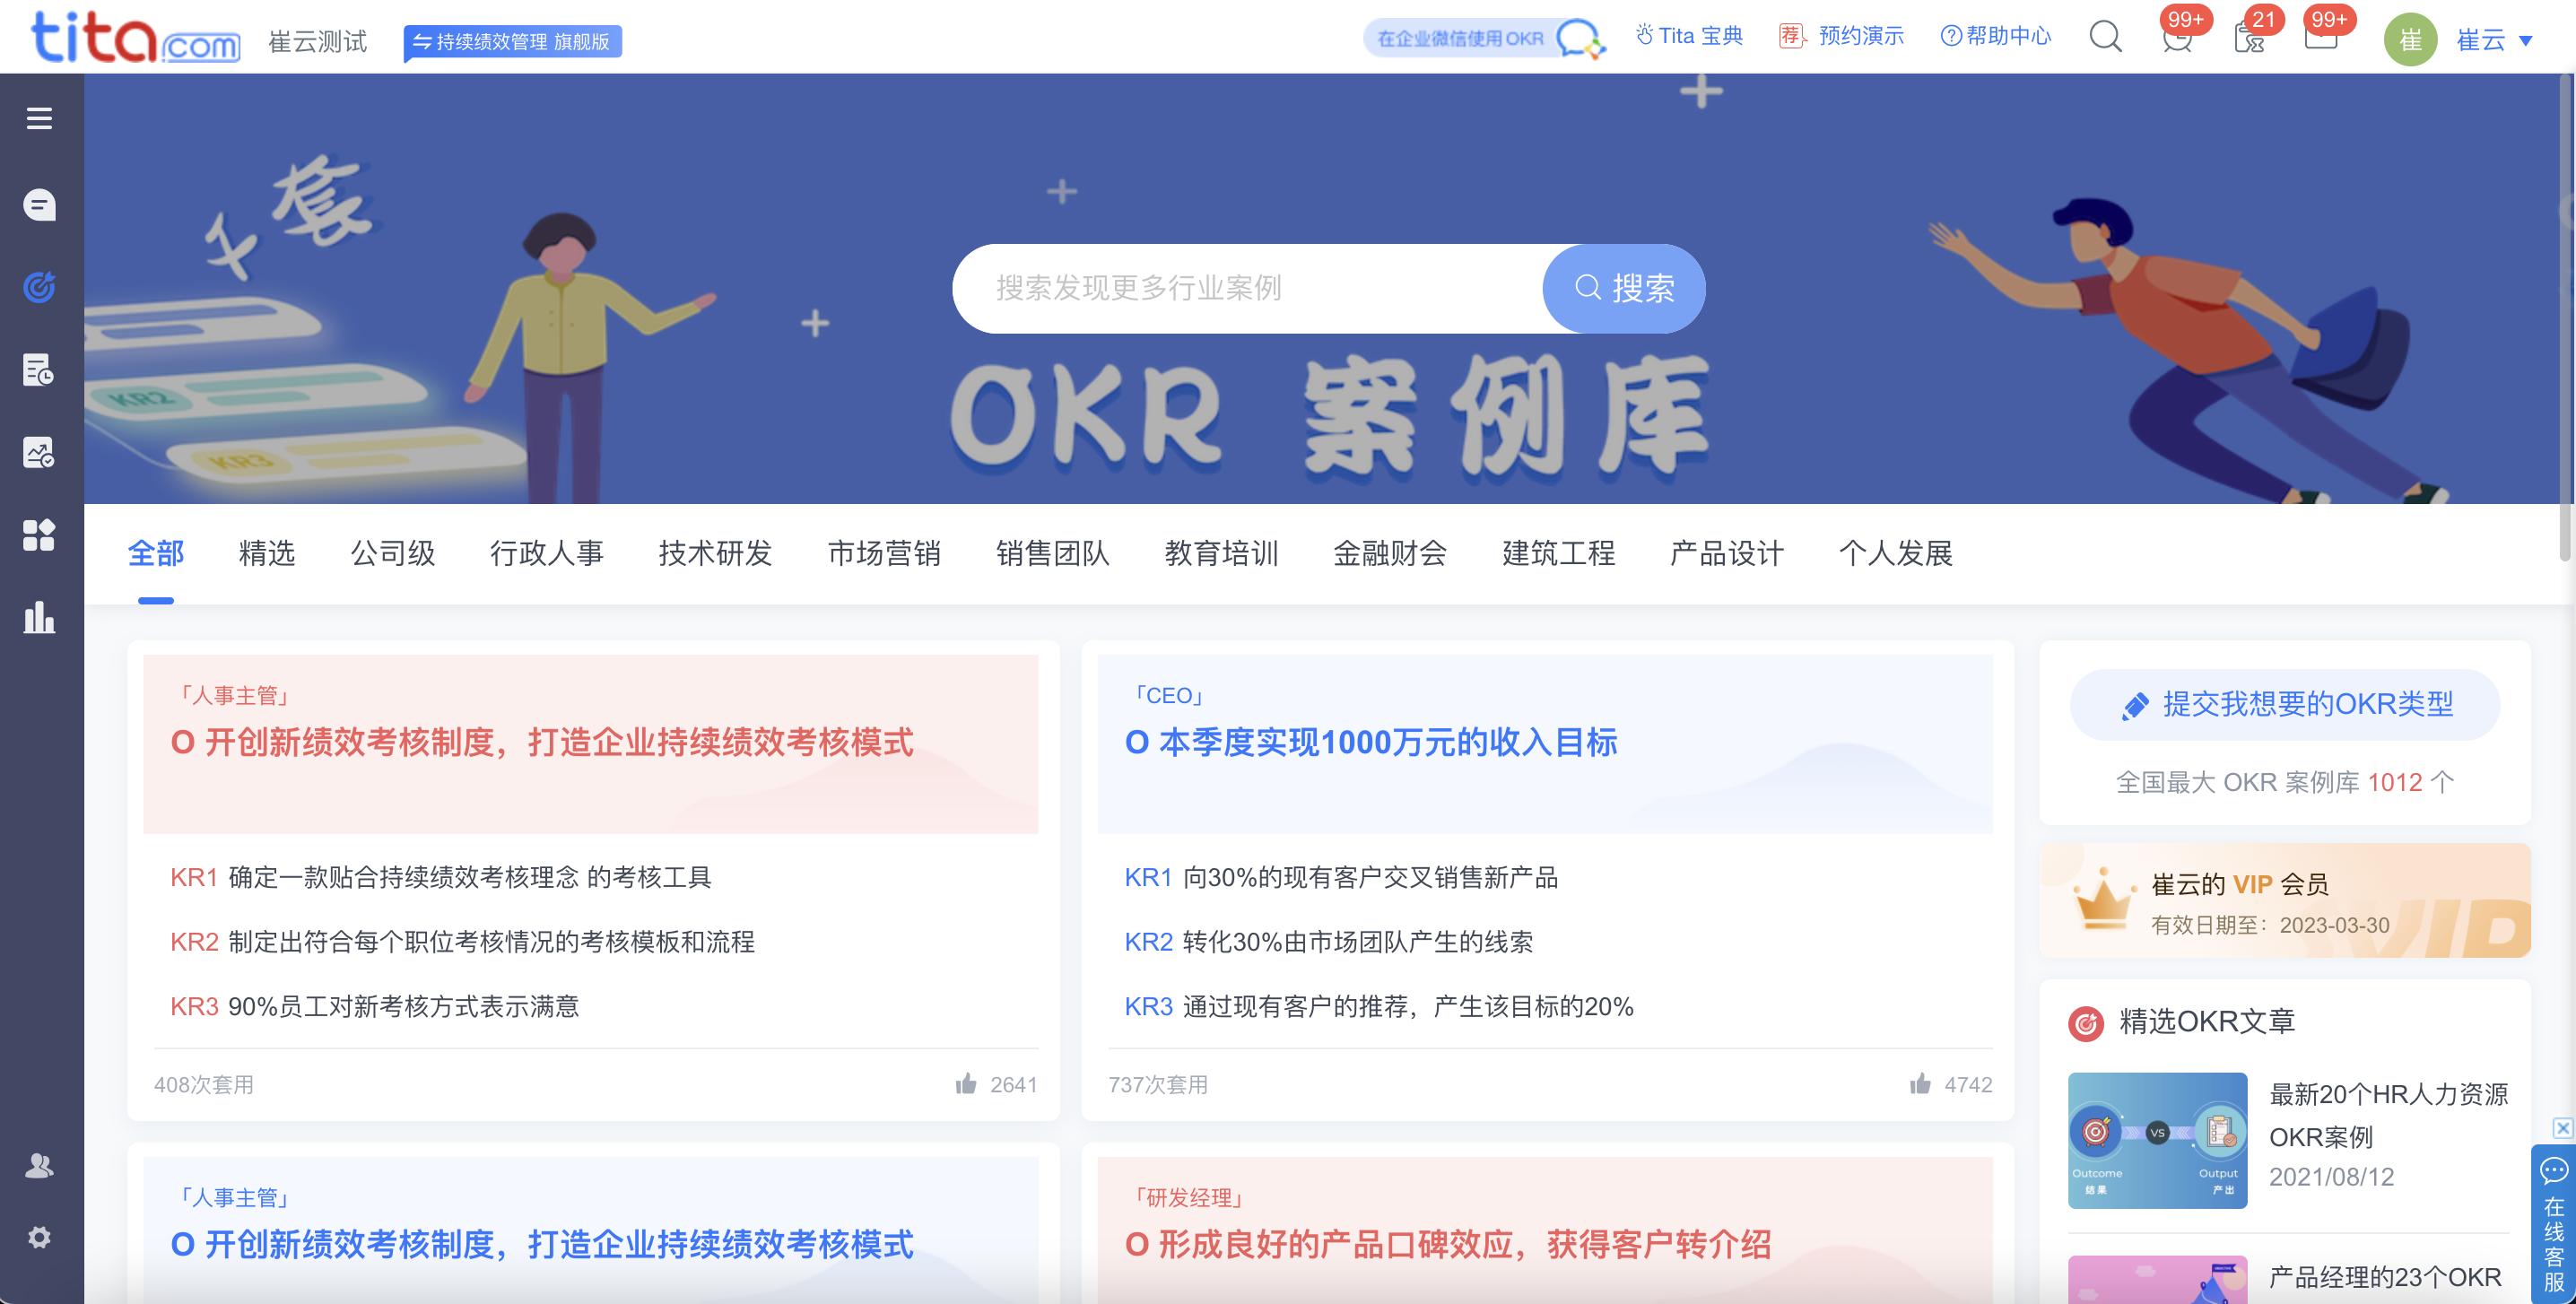 tita.com 升级 | 千套 OKR 案例库,帮你轻松制定 OKR